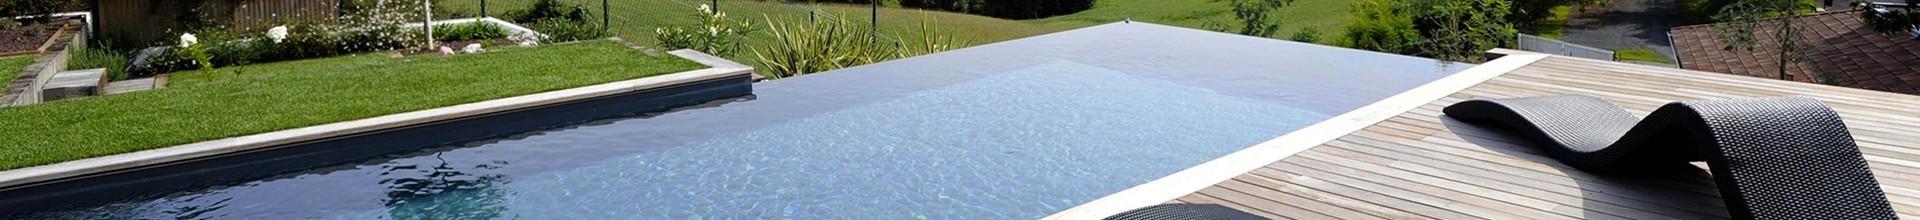 Ile de France Seine-et-Marne concrétiser votre envie de piscine